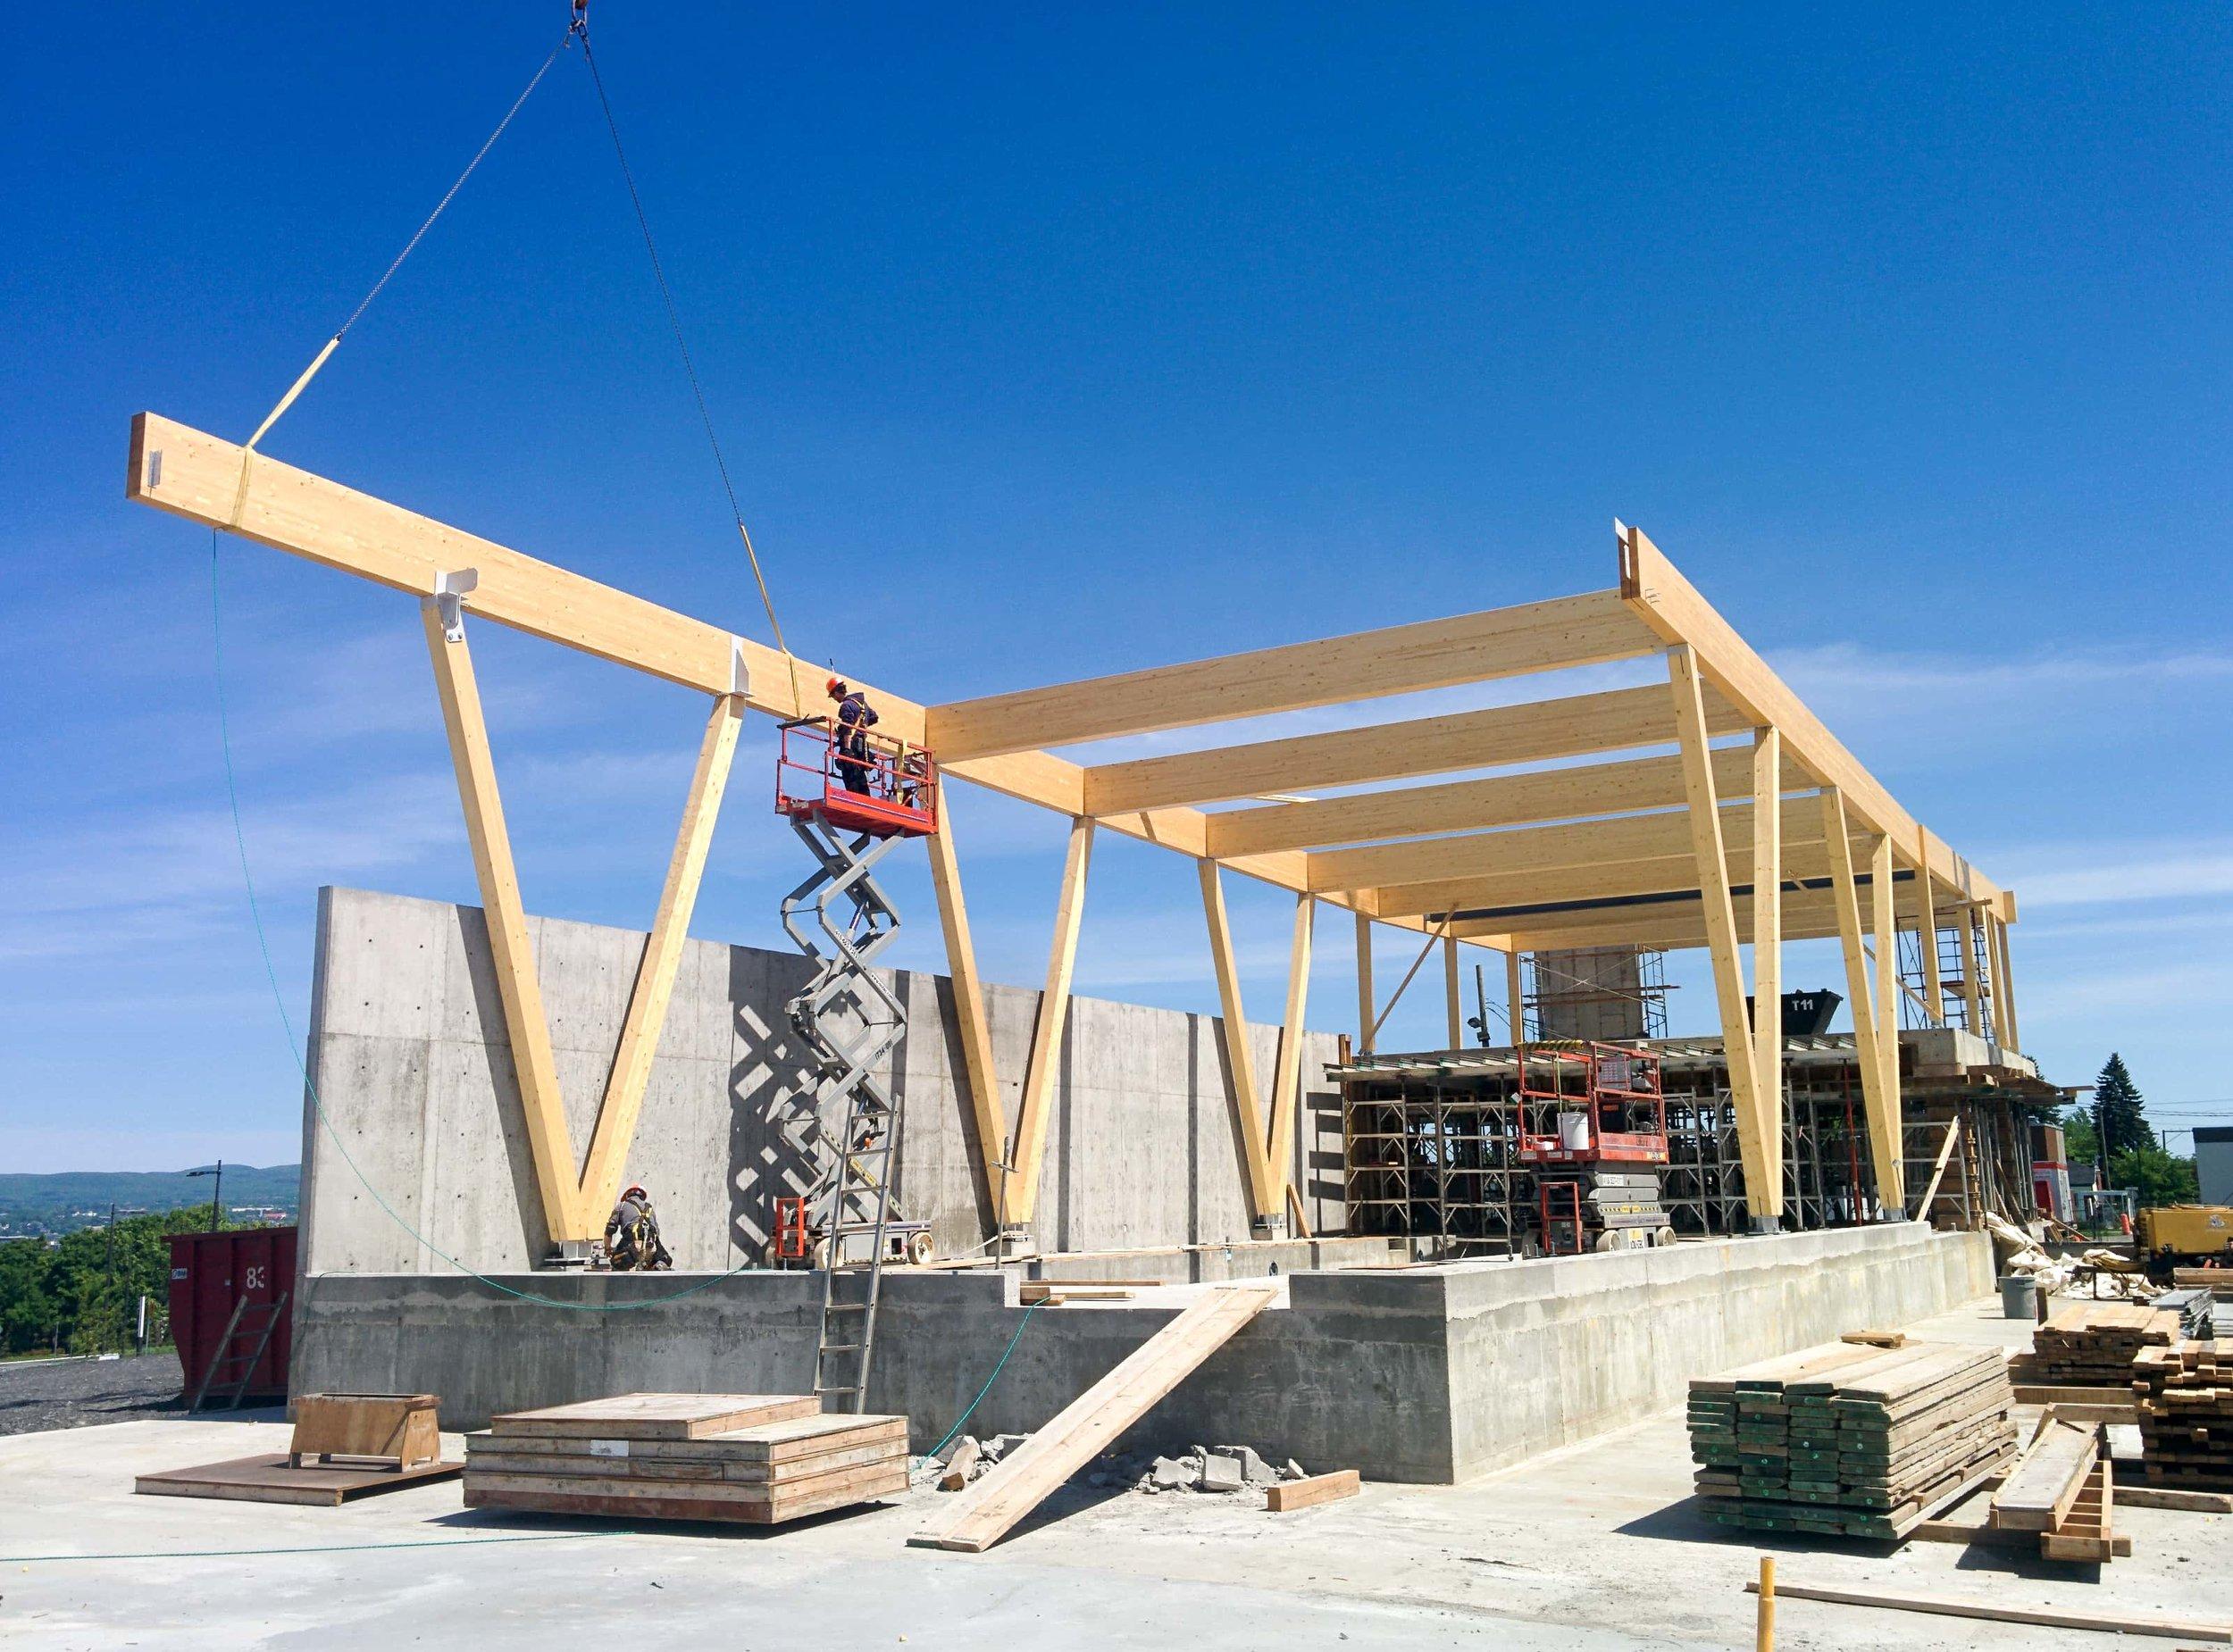 Maitre d'œuvre - Construction les Charpentistes se spécialise dans l'assemblage de structures de bois apparente. Les Charpentistes peuvent travailler la structure en chantier, ou encore faire la prise de mesure, procéder à la coupe ou à des réparations sur place.